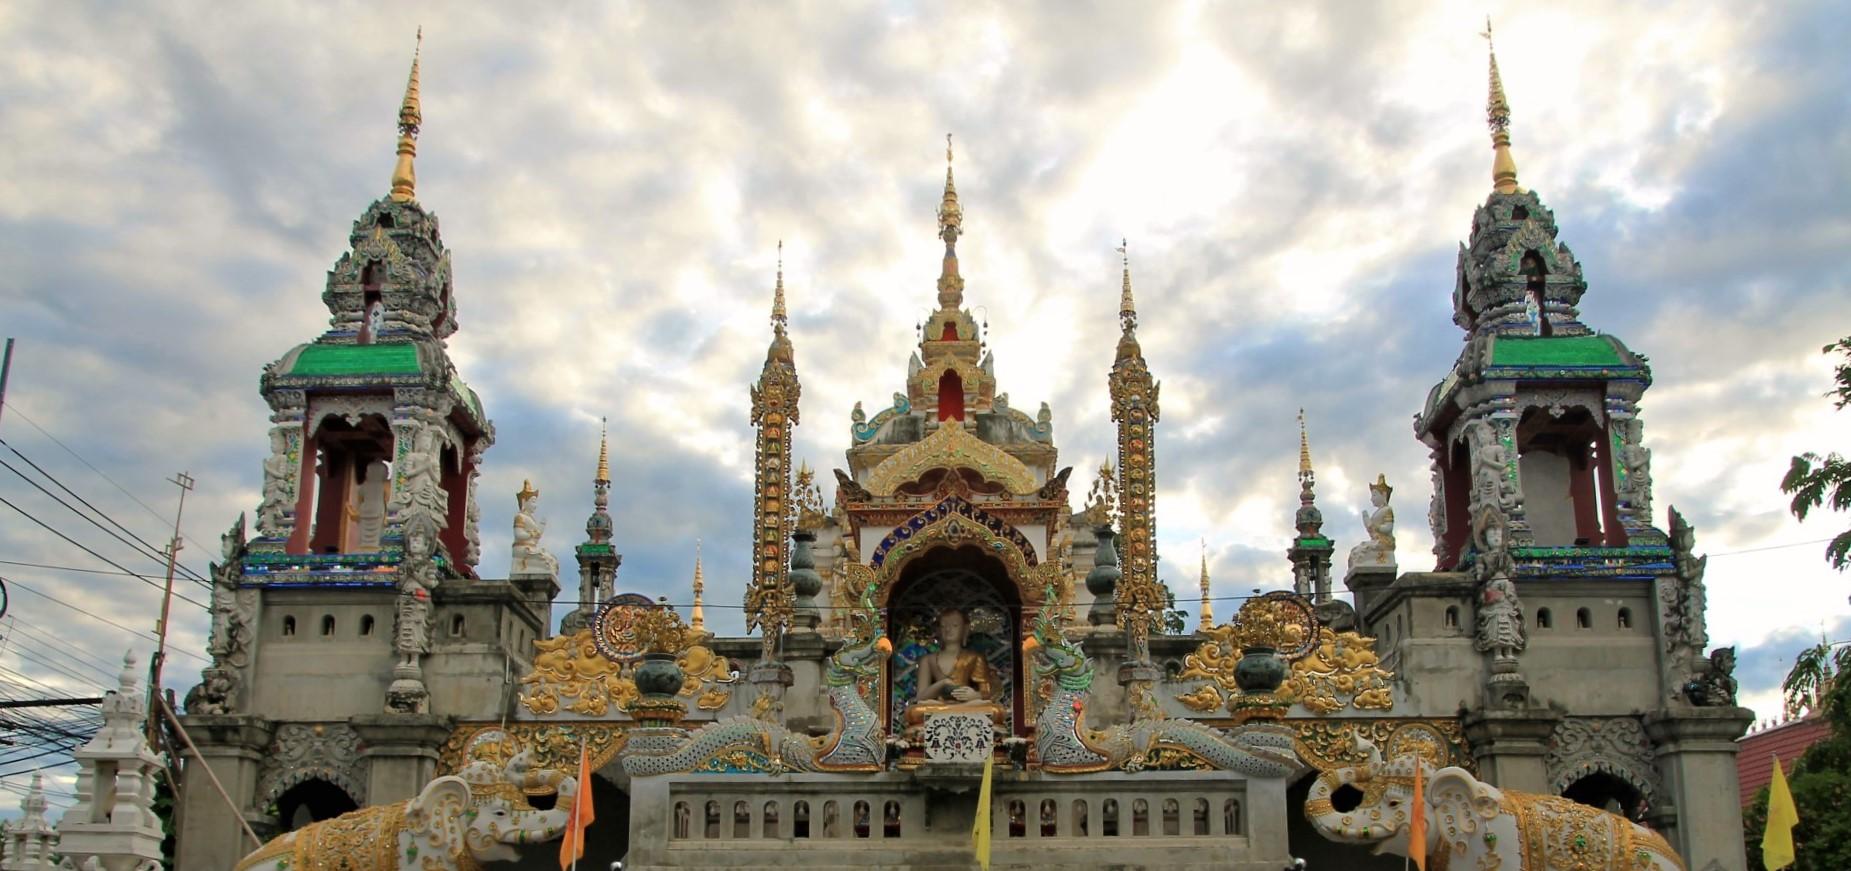 Chiang Rai Wat Ming Muang